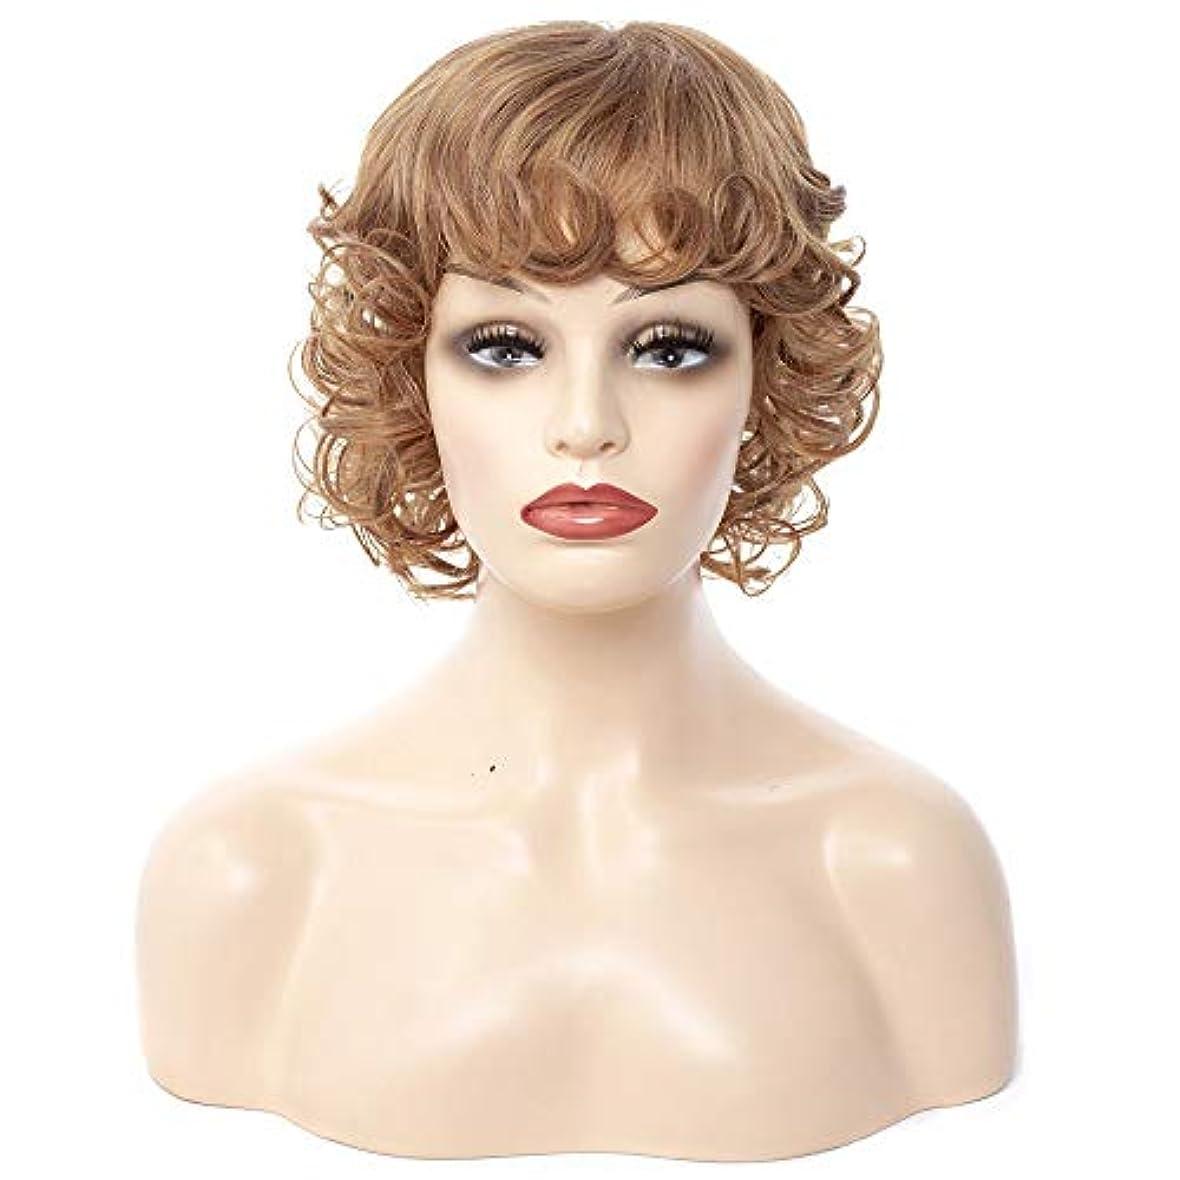 慎重に見積り閉じるYOUQIU 女子ショートウィッグヘアスタイリング全波状カーリーヘアブロンドレディースウィッグウィッグ (色 : Blonde, サイズ : 30cm)